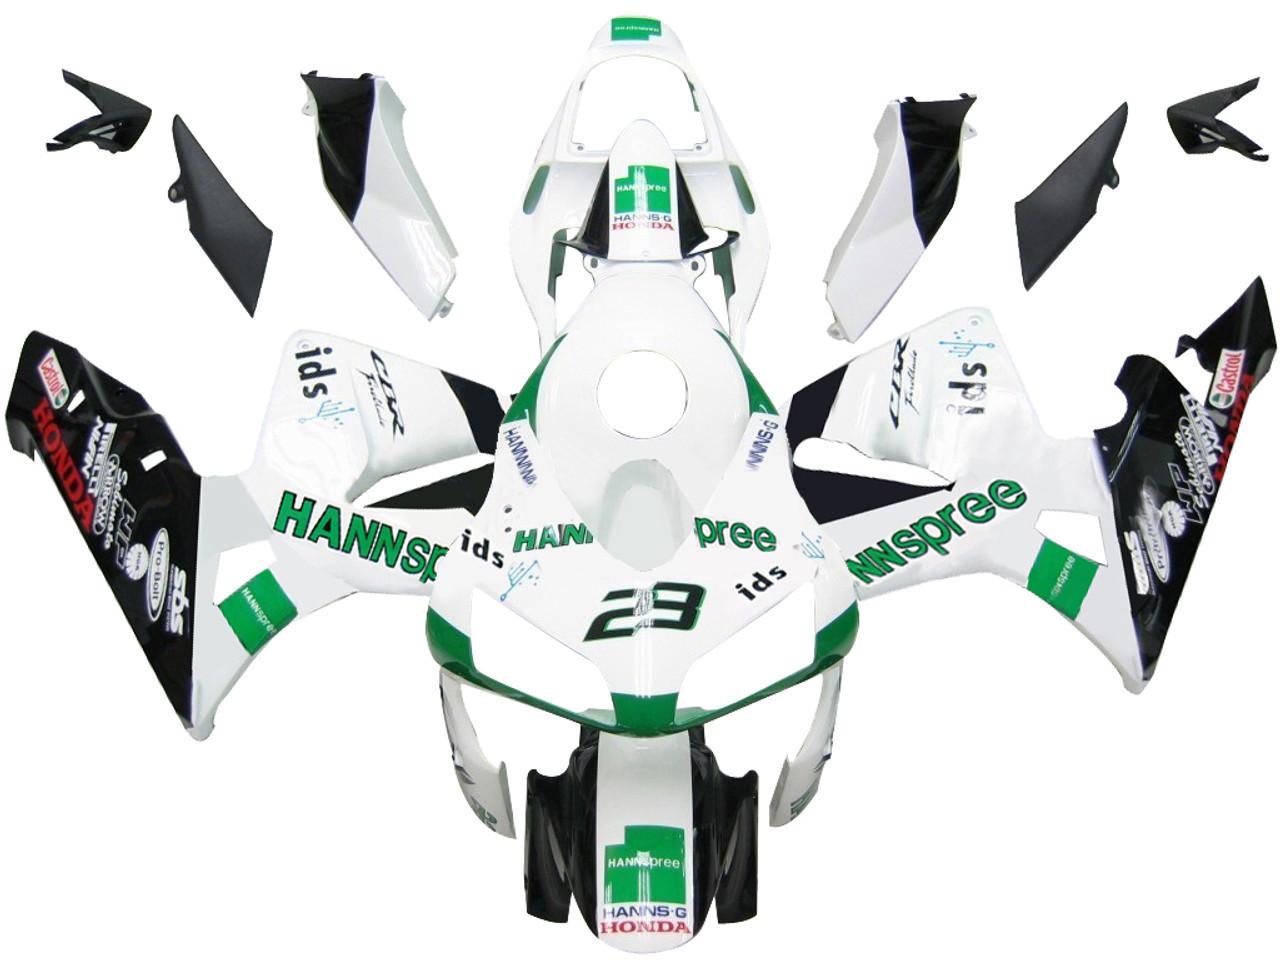 Fairings Honda CBR 600 RR No.23 Hannspree Racing (2003-2004)